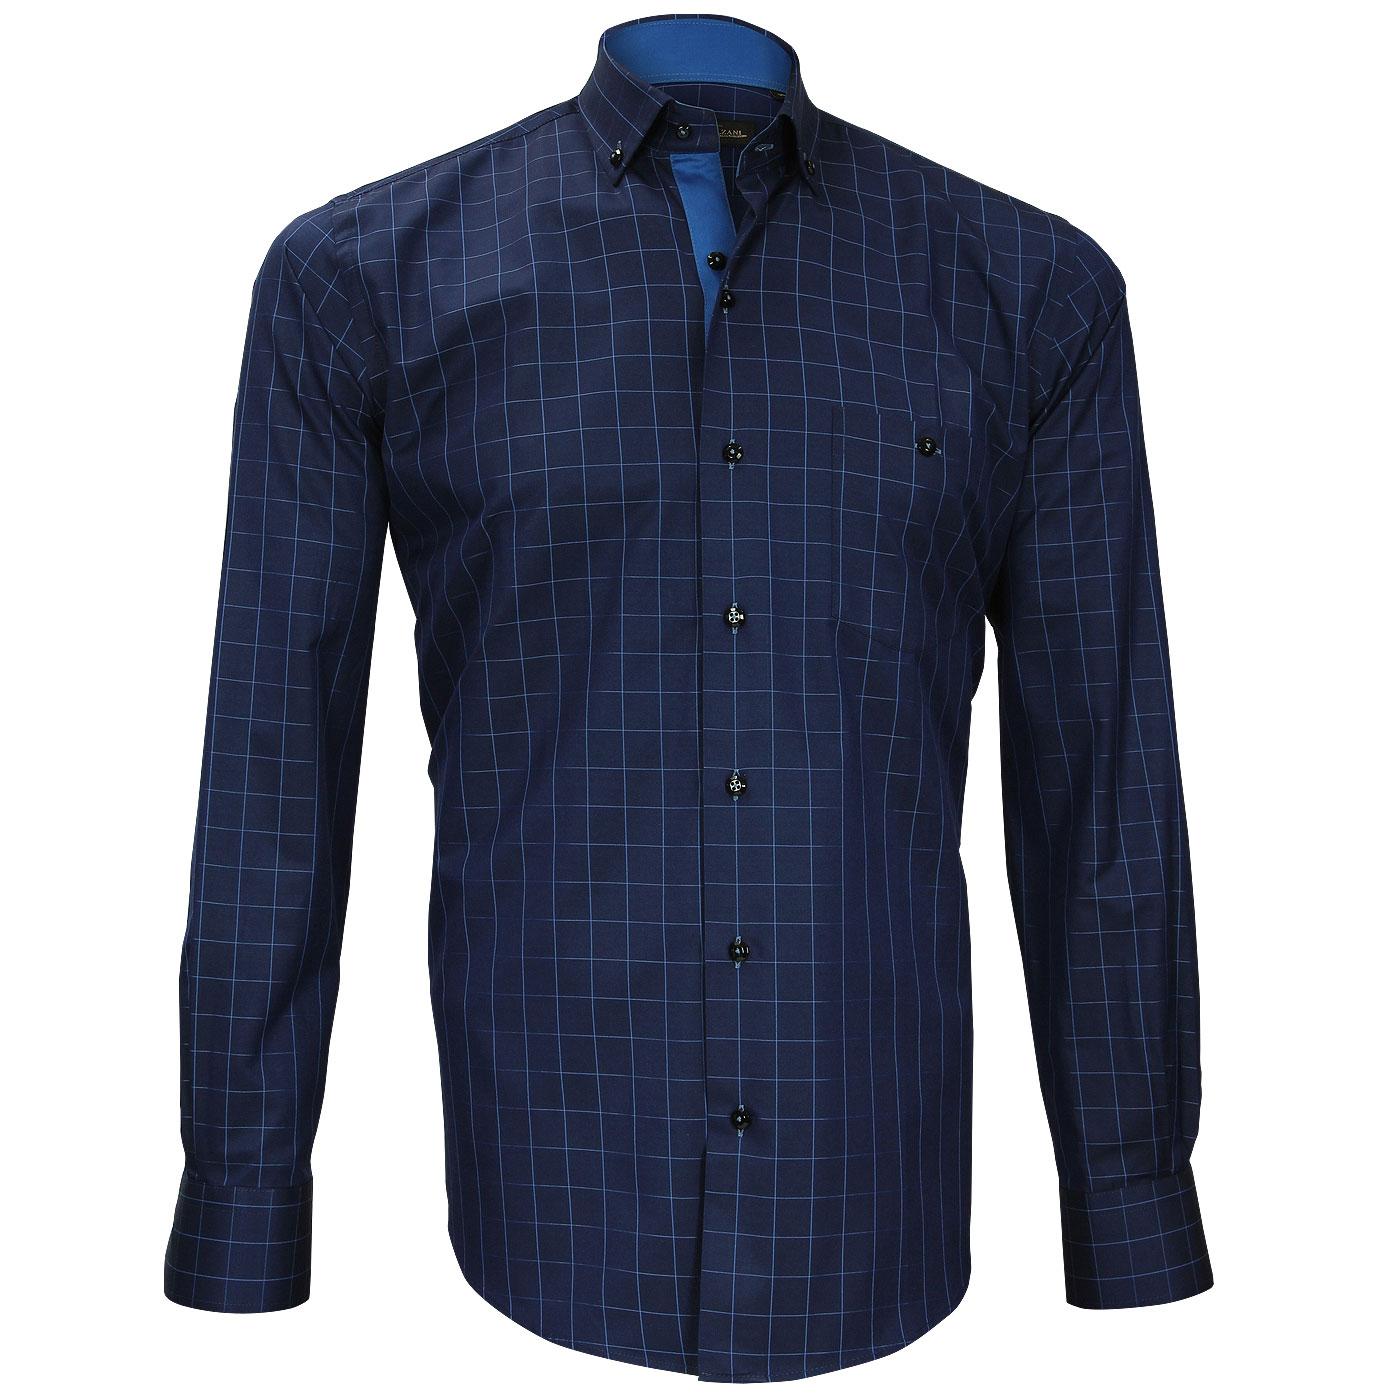 vente de chemise en popeline chemise pour homme chemiseweb. Black Bedroom Furniture Sets. Home Design Ideas